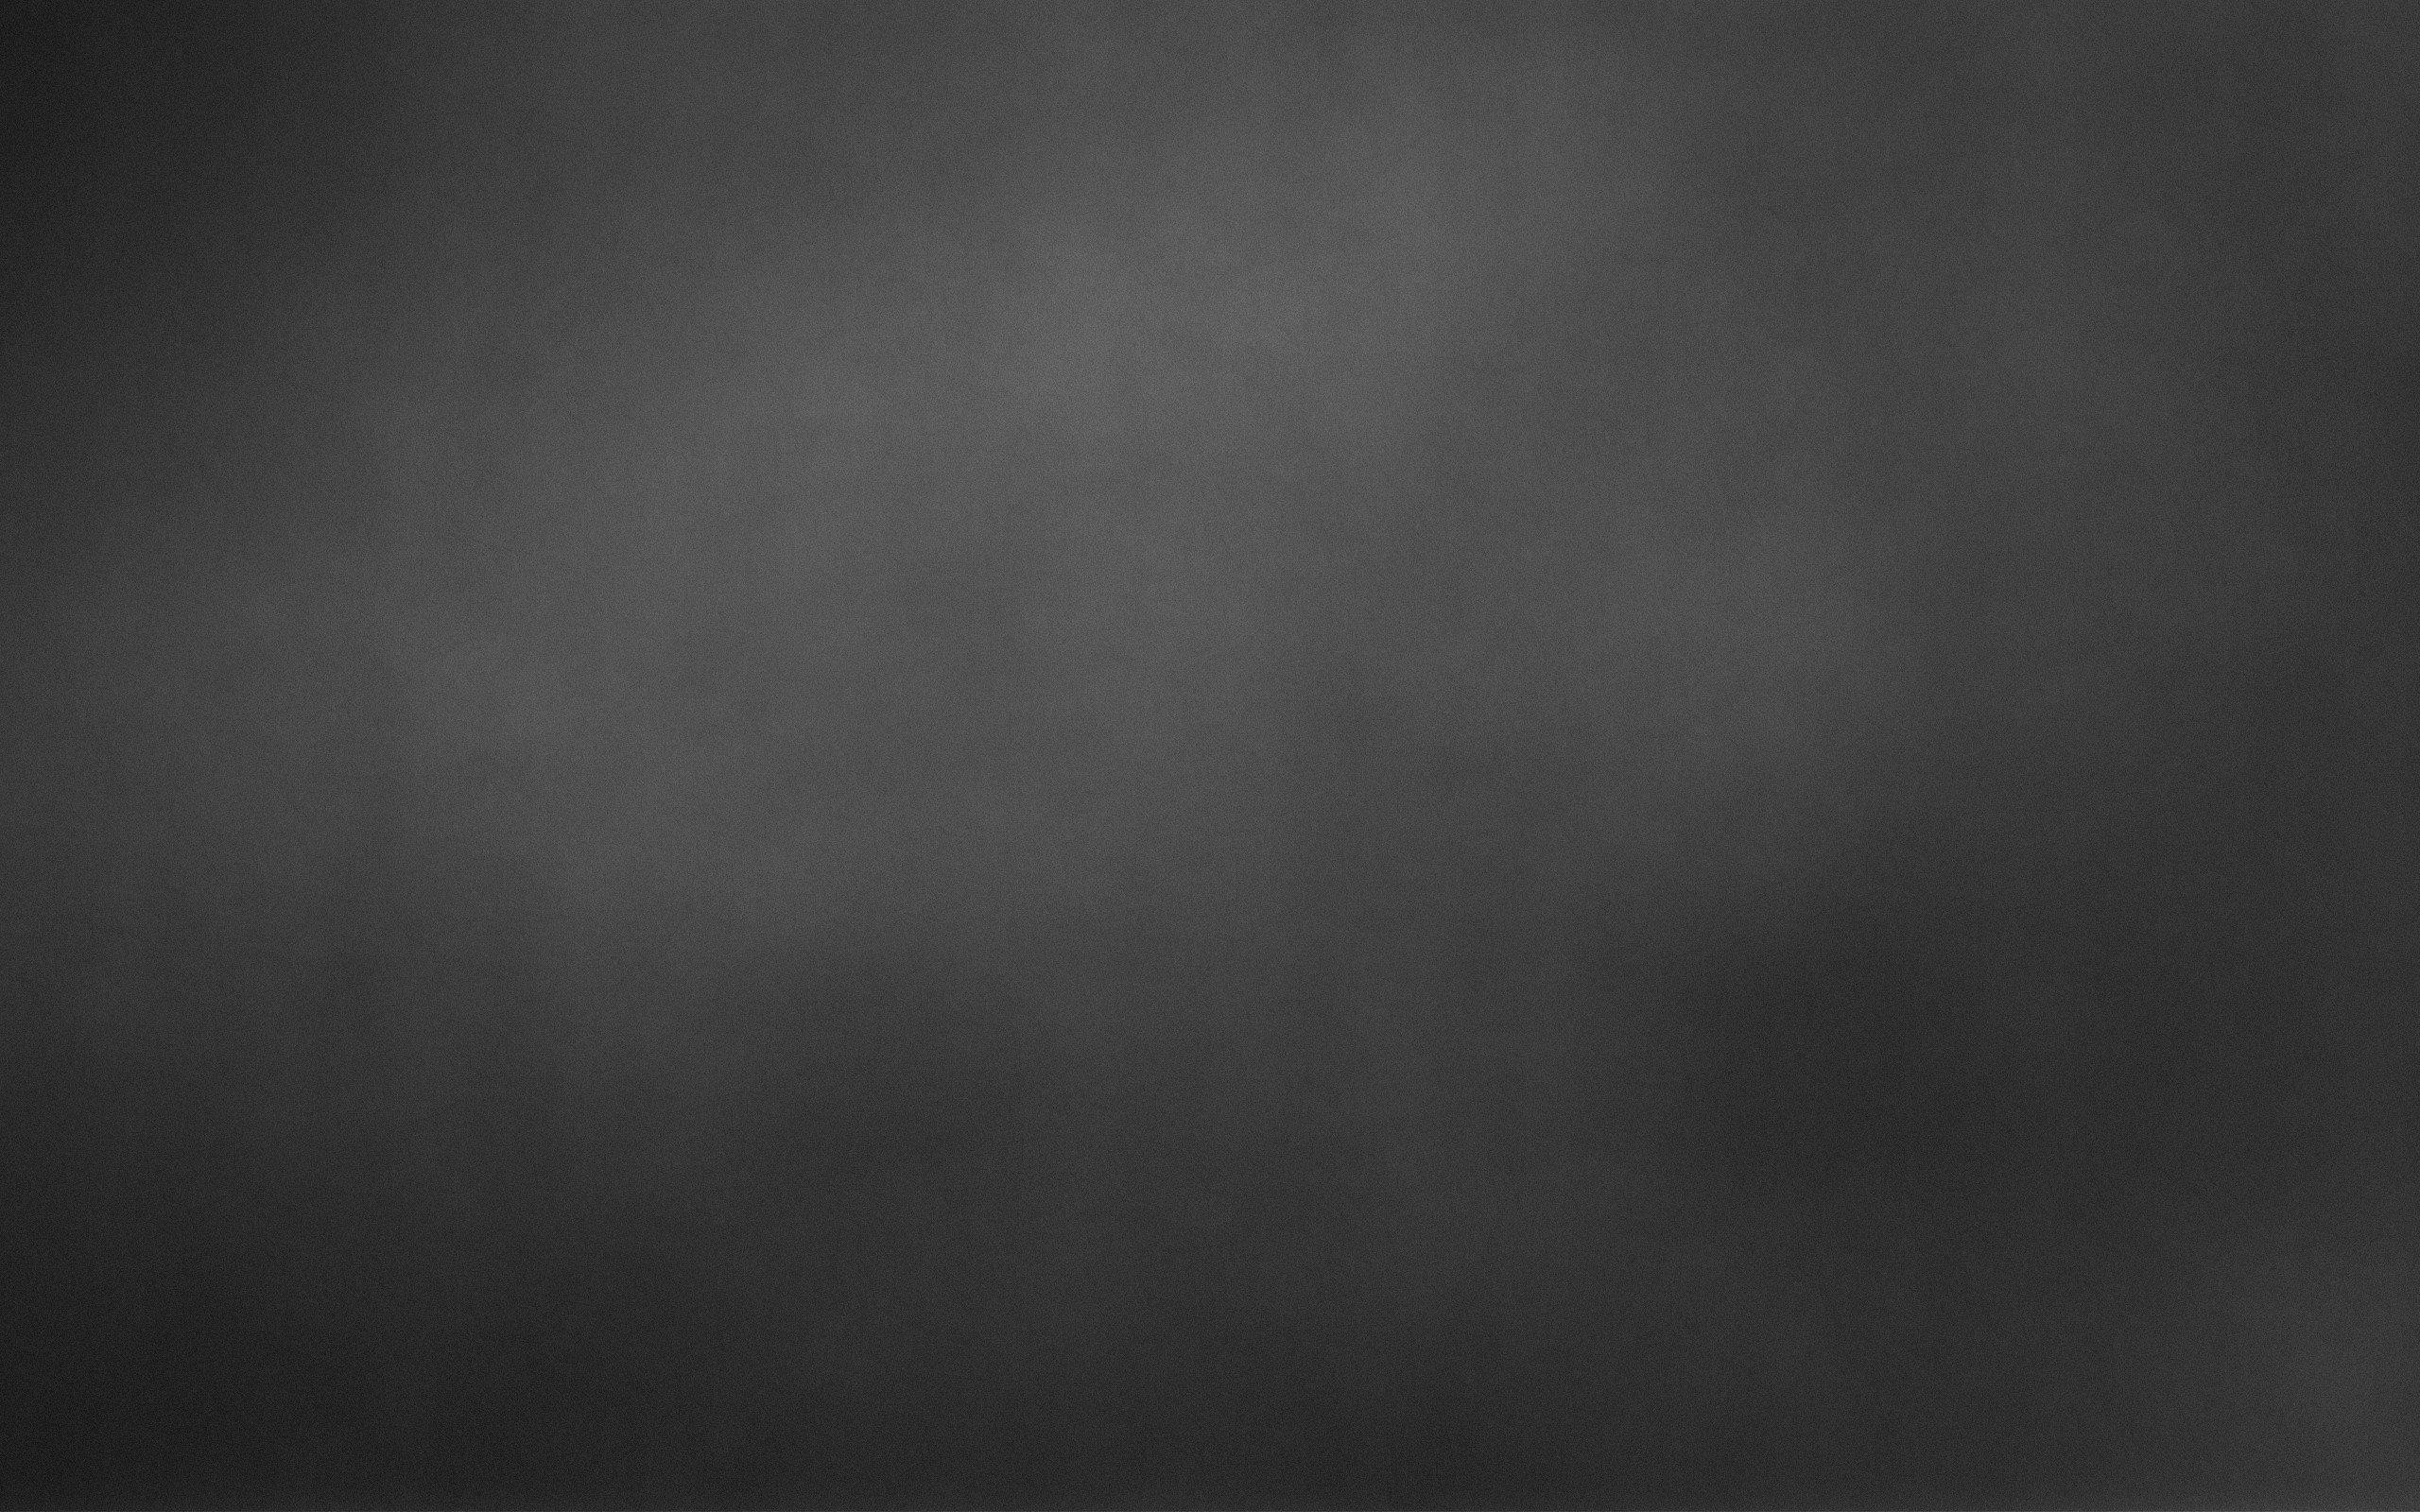 Minimalistic gray textures wallpaper